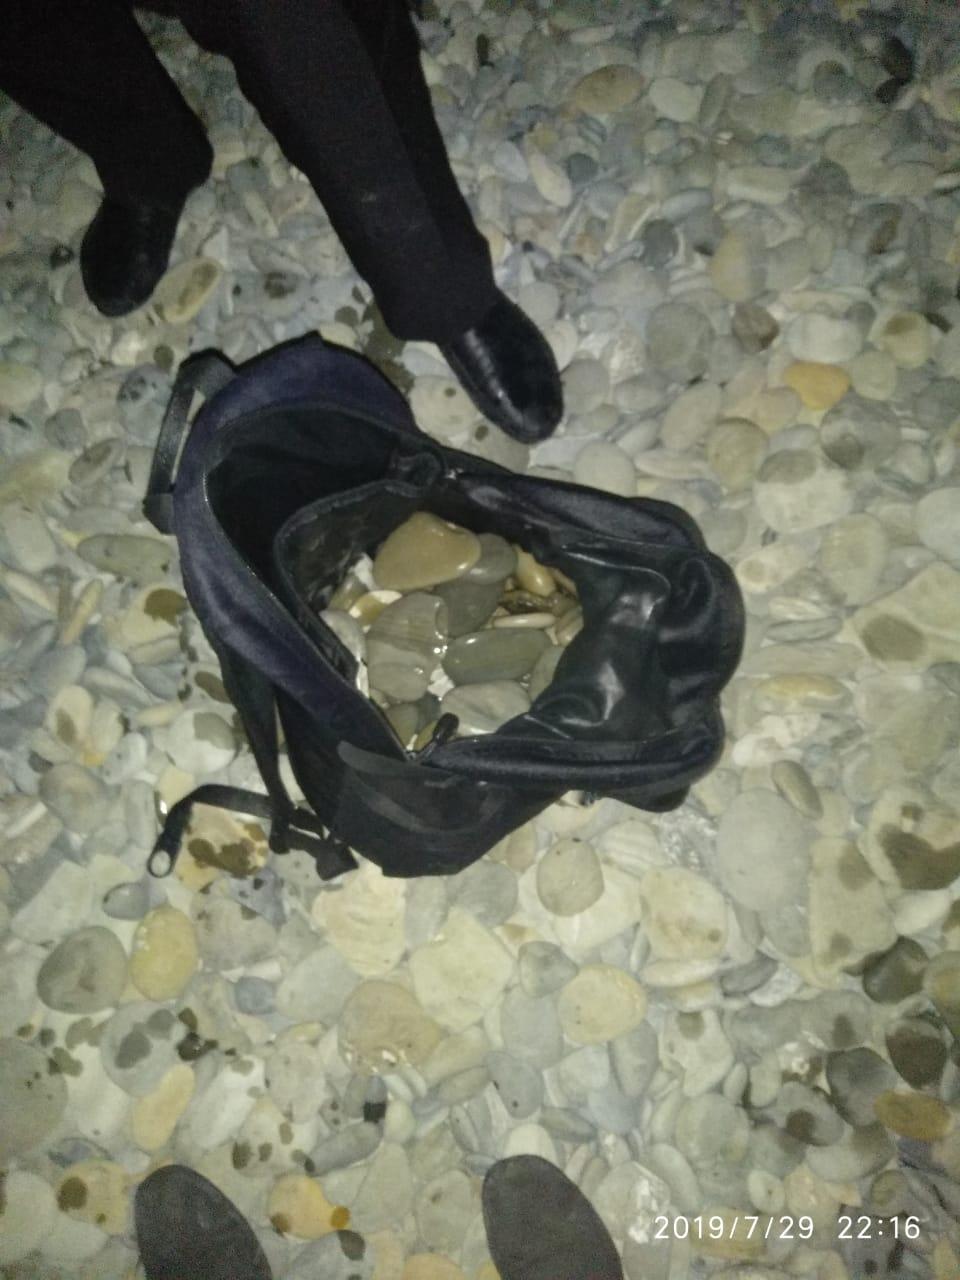 ВНовороссийске парень пытался утопиться, набрав полный рюкзак камней